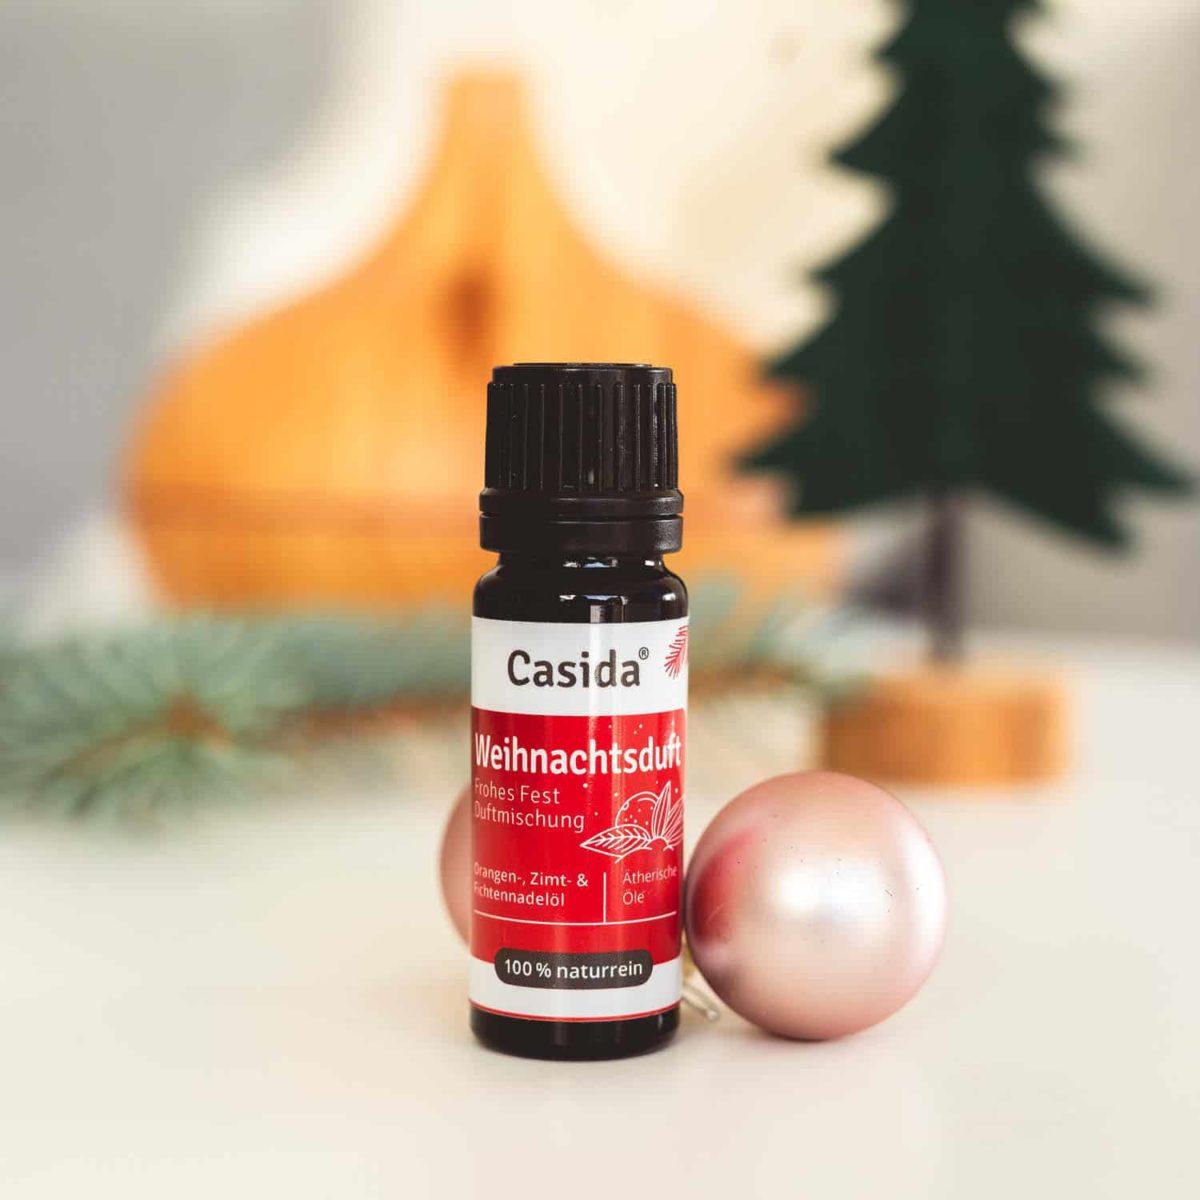 Casida Fühl dich wohl Box Beauty Pflege Aromatherapie (8)